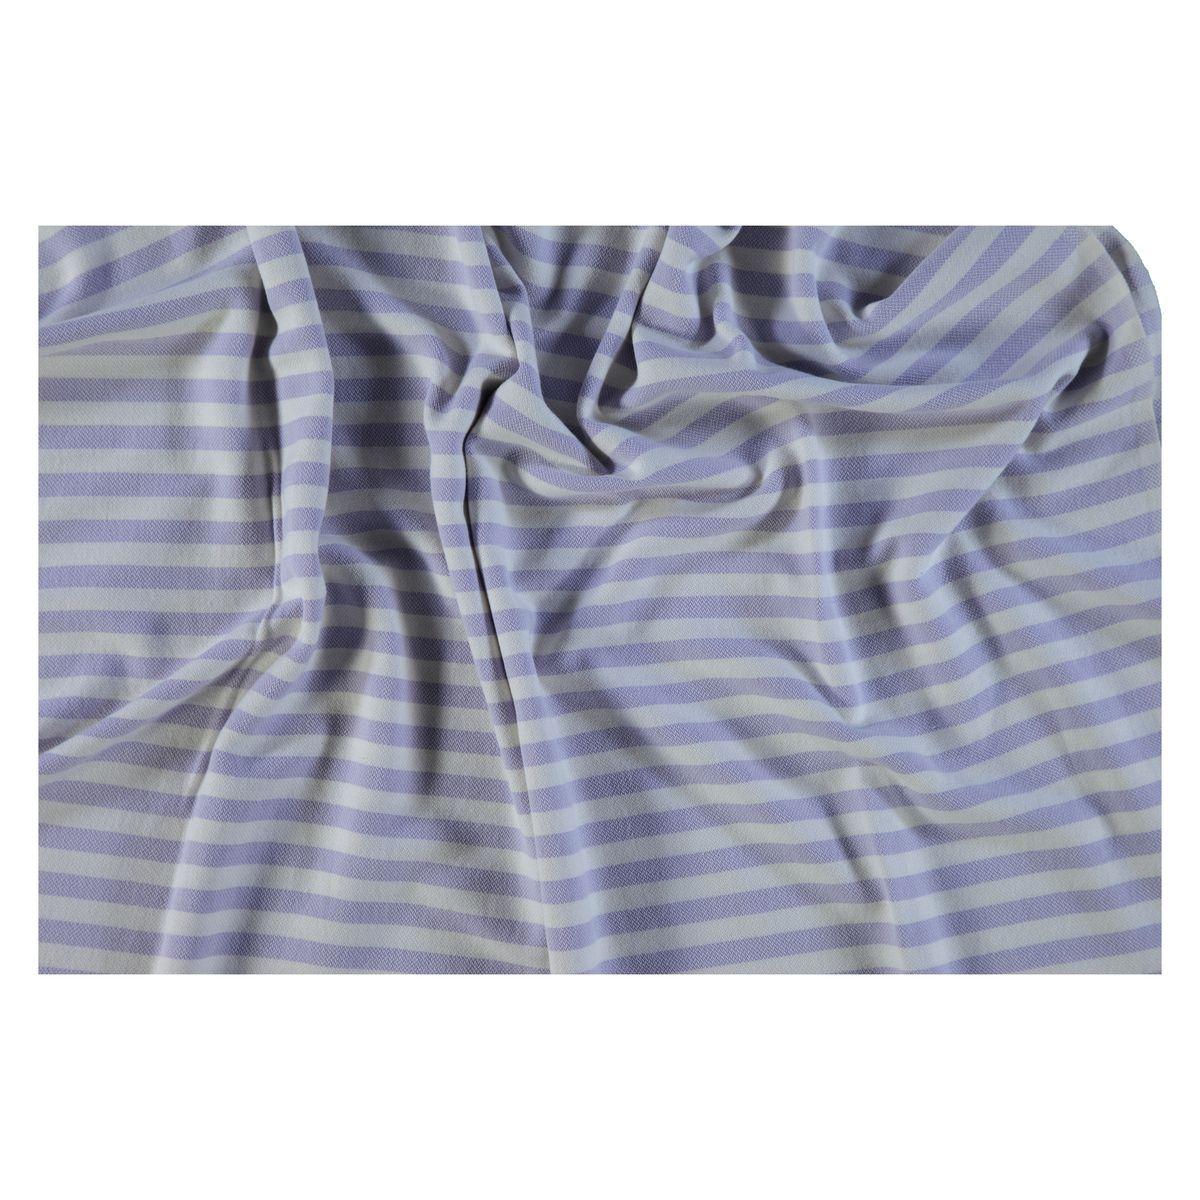 Peshtemal Santuri - Lilac